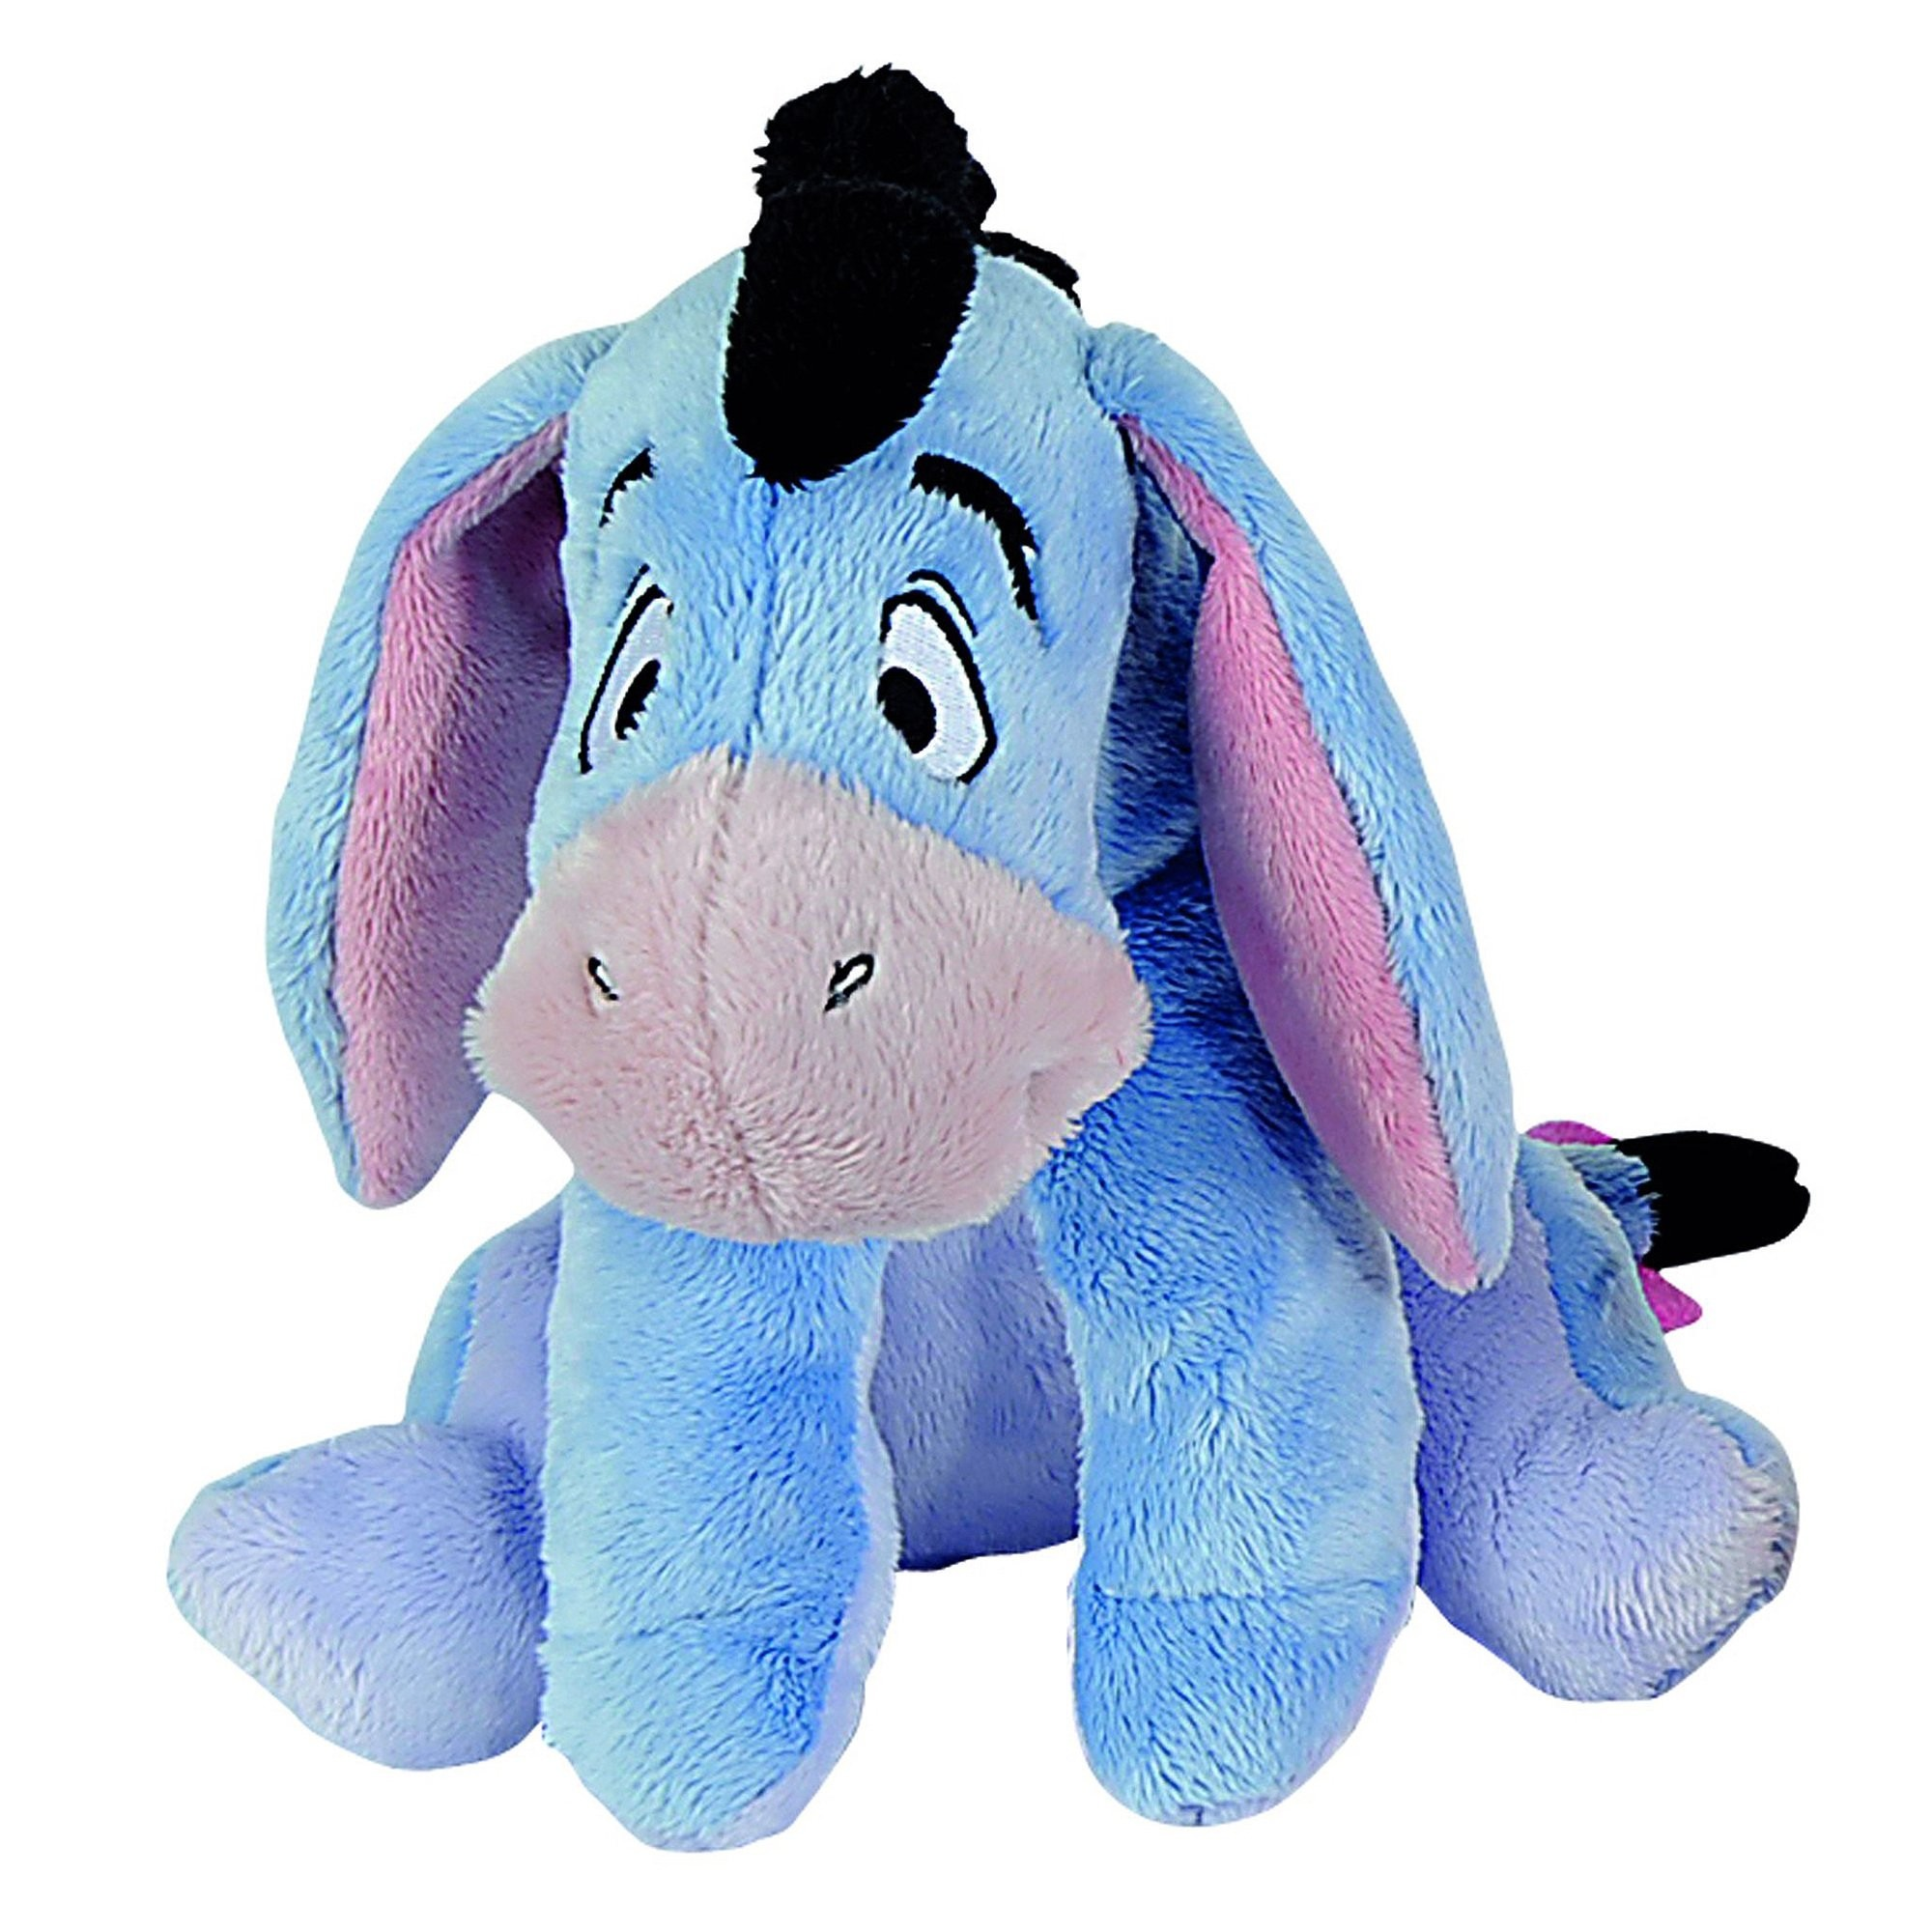 цены на Мягкая игрушка Nicotoy Ушастик 20см 5874223  в интернет-магазинах